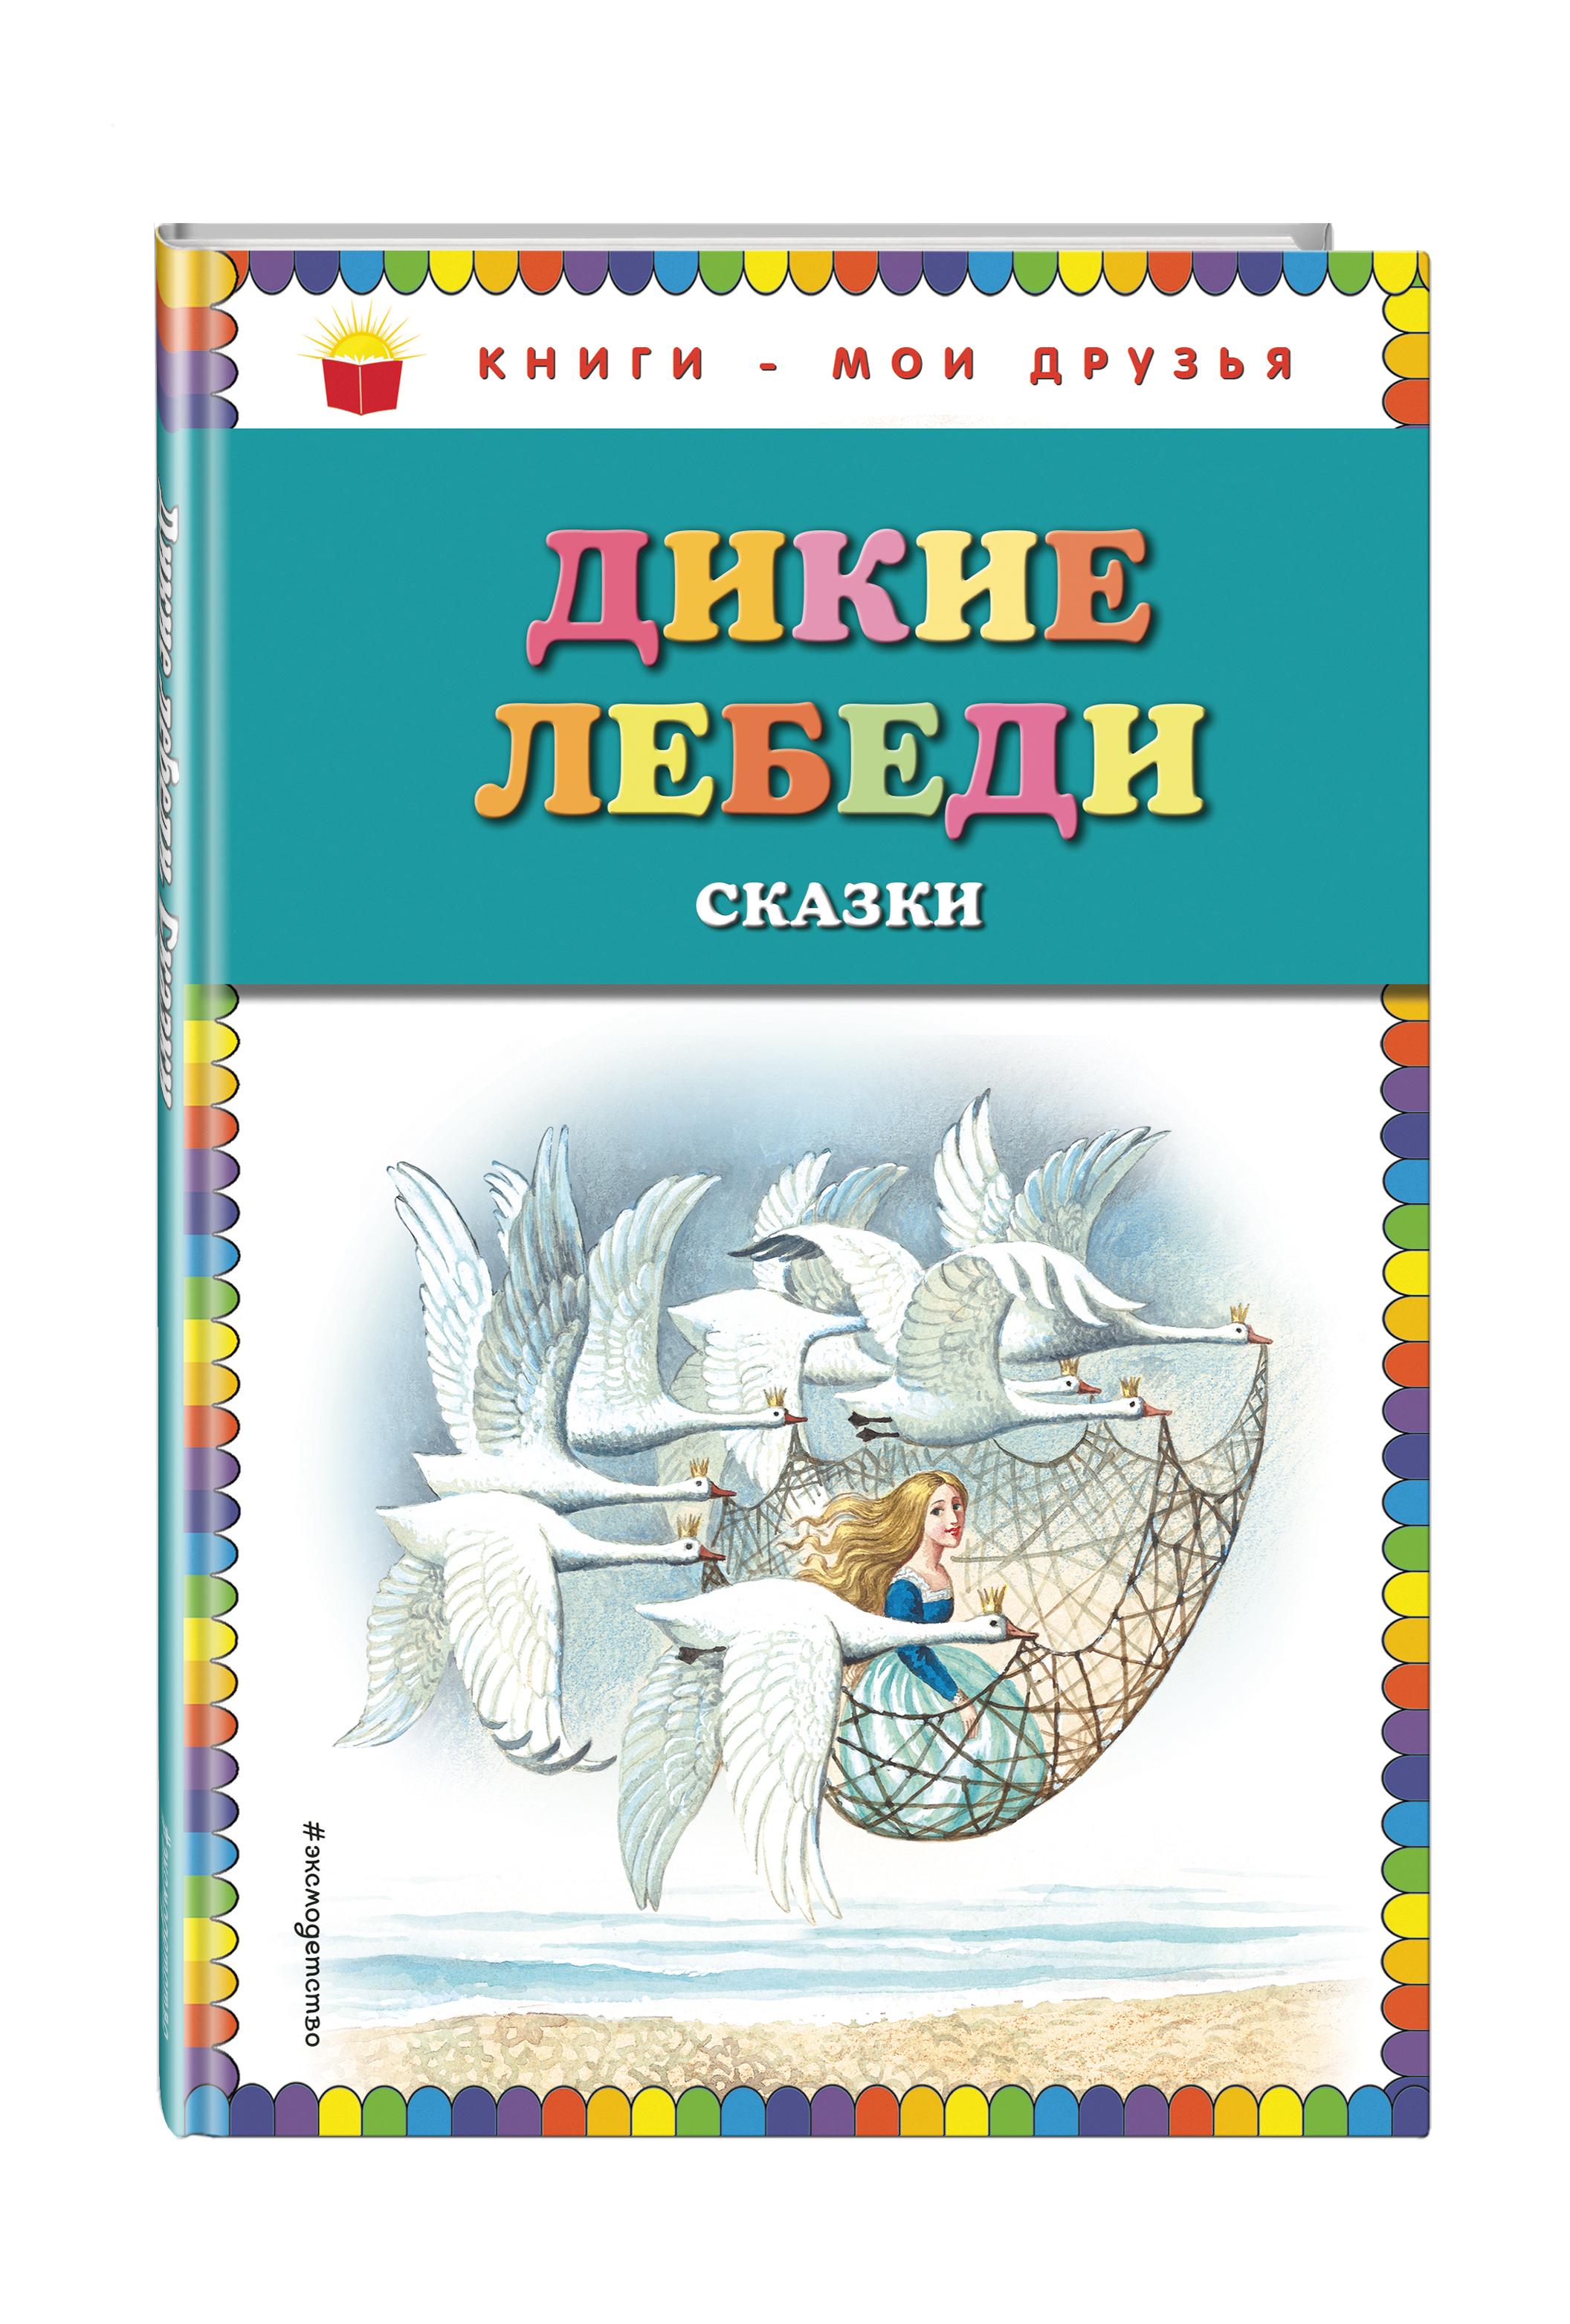 Дикие лебеди: сказки (ил. И. Егунова) андерсен г х дикие лебеди